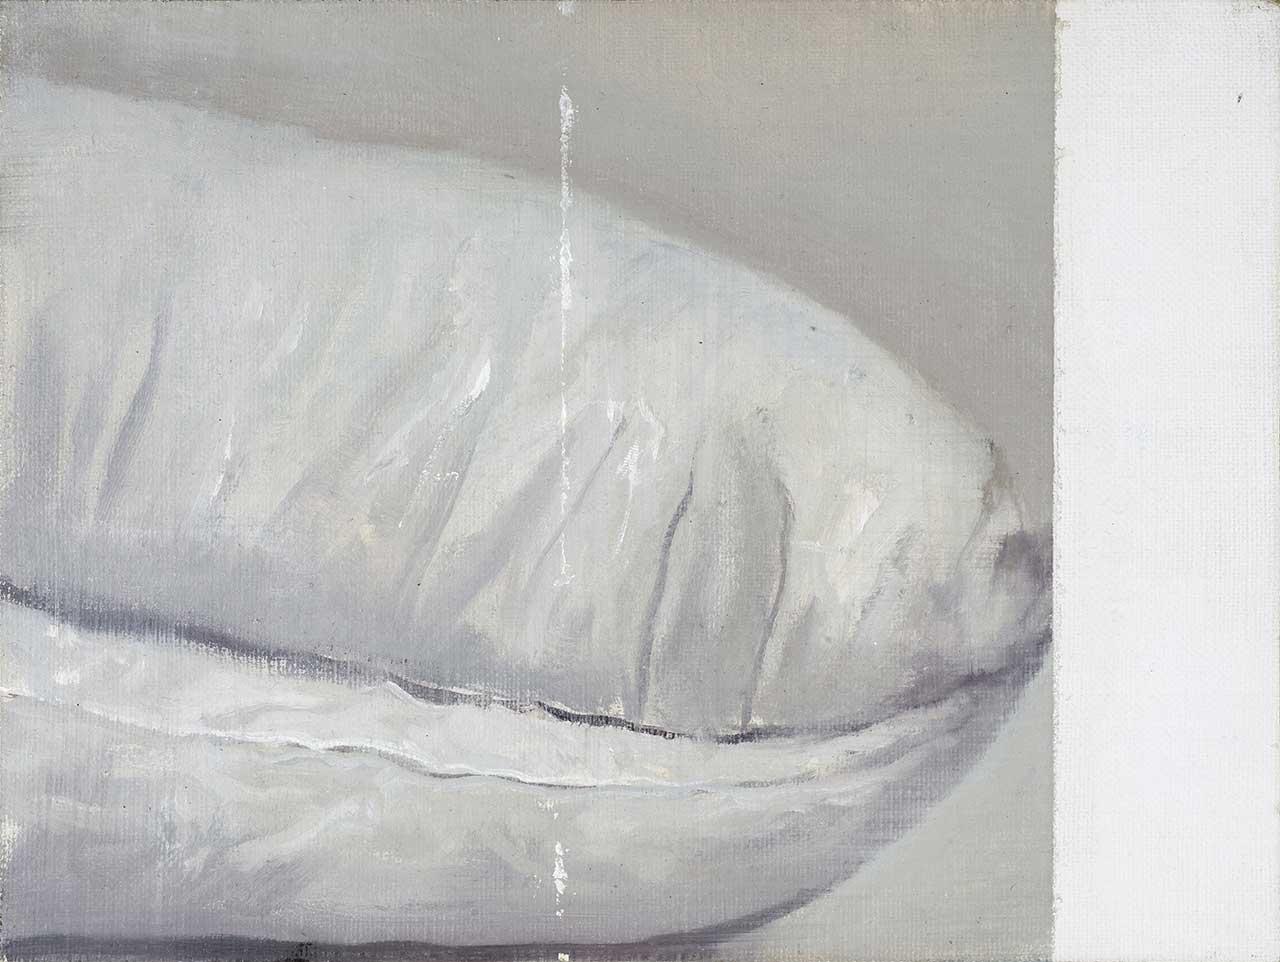 Μικρή Φάλαινα, 2014, λάδι σε ξύλο, 15x20 εκ.